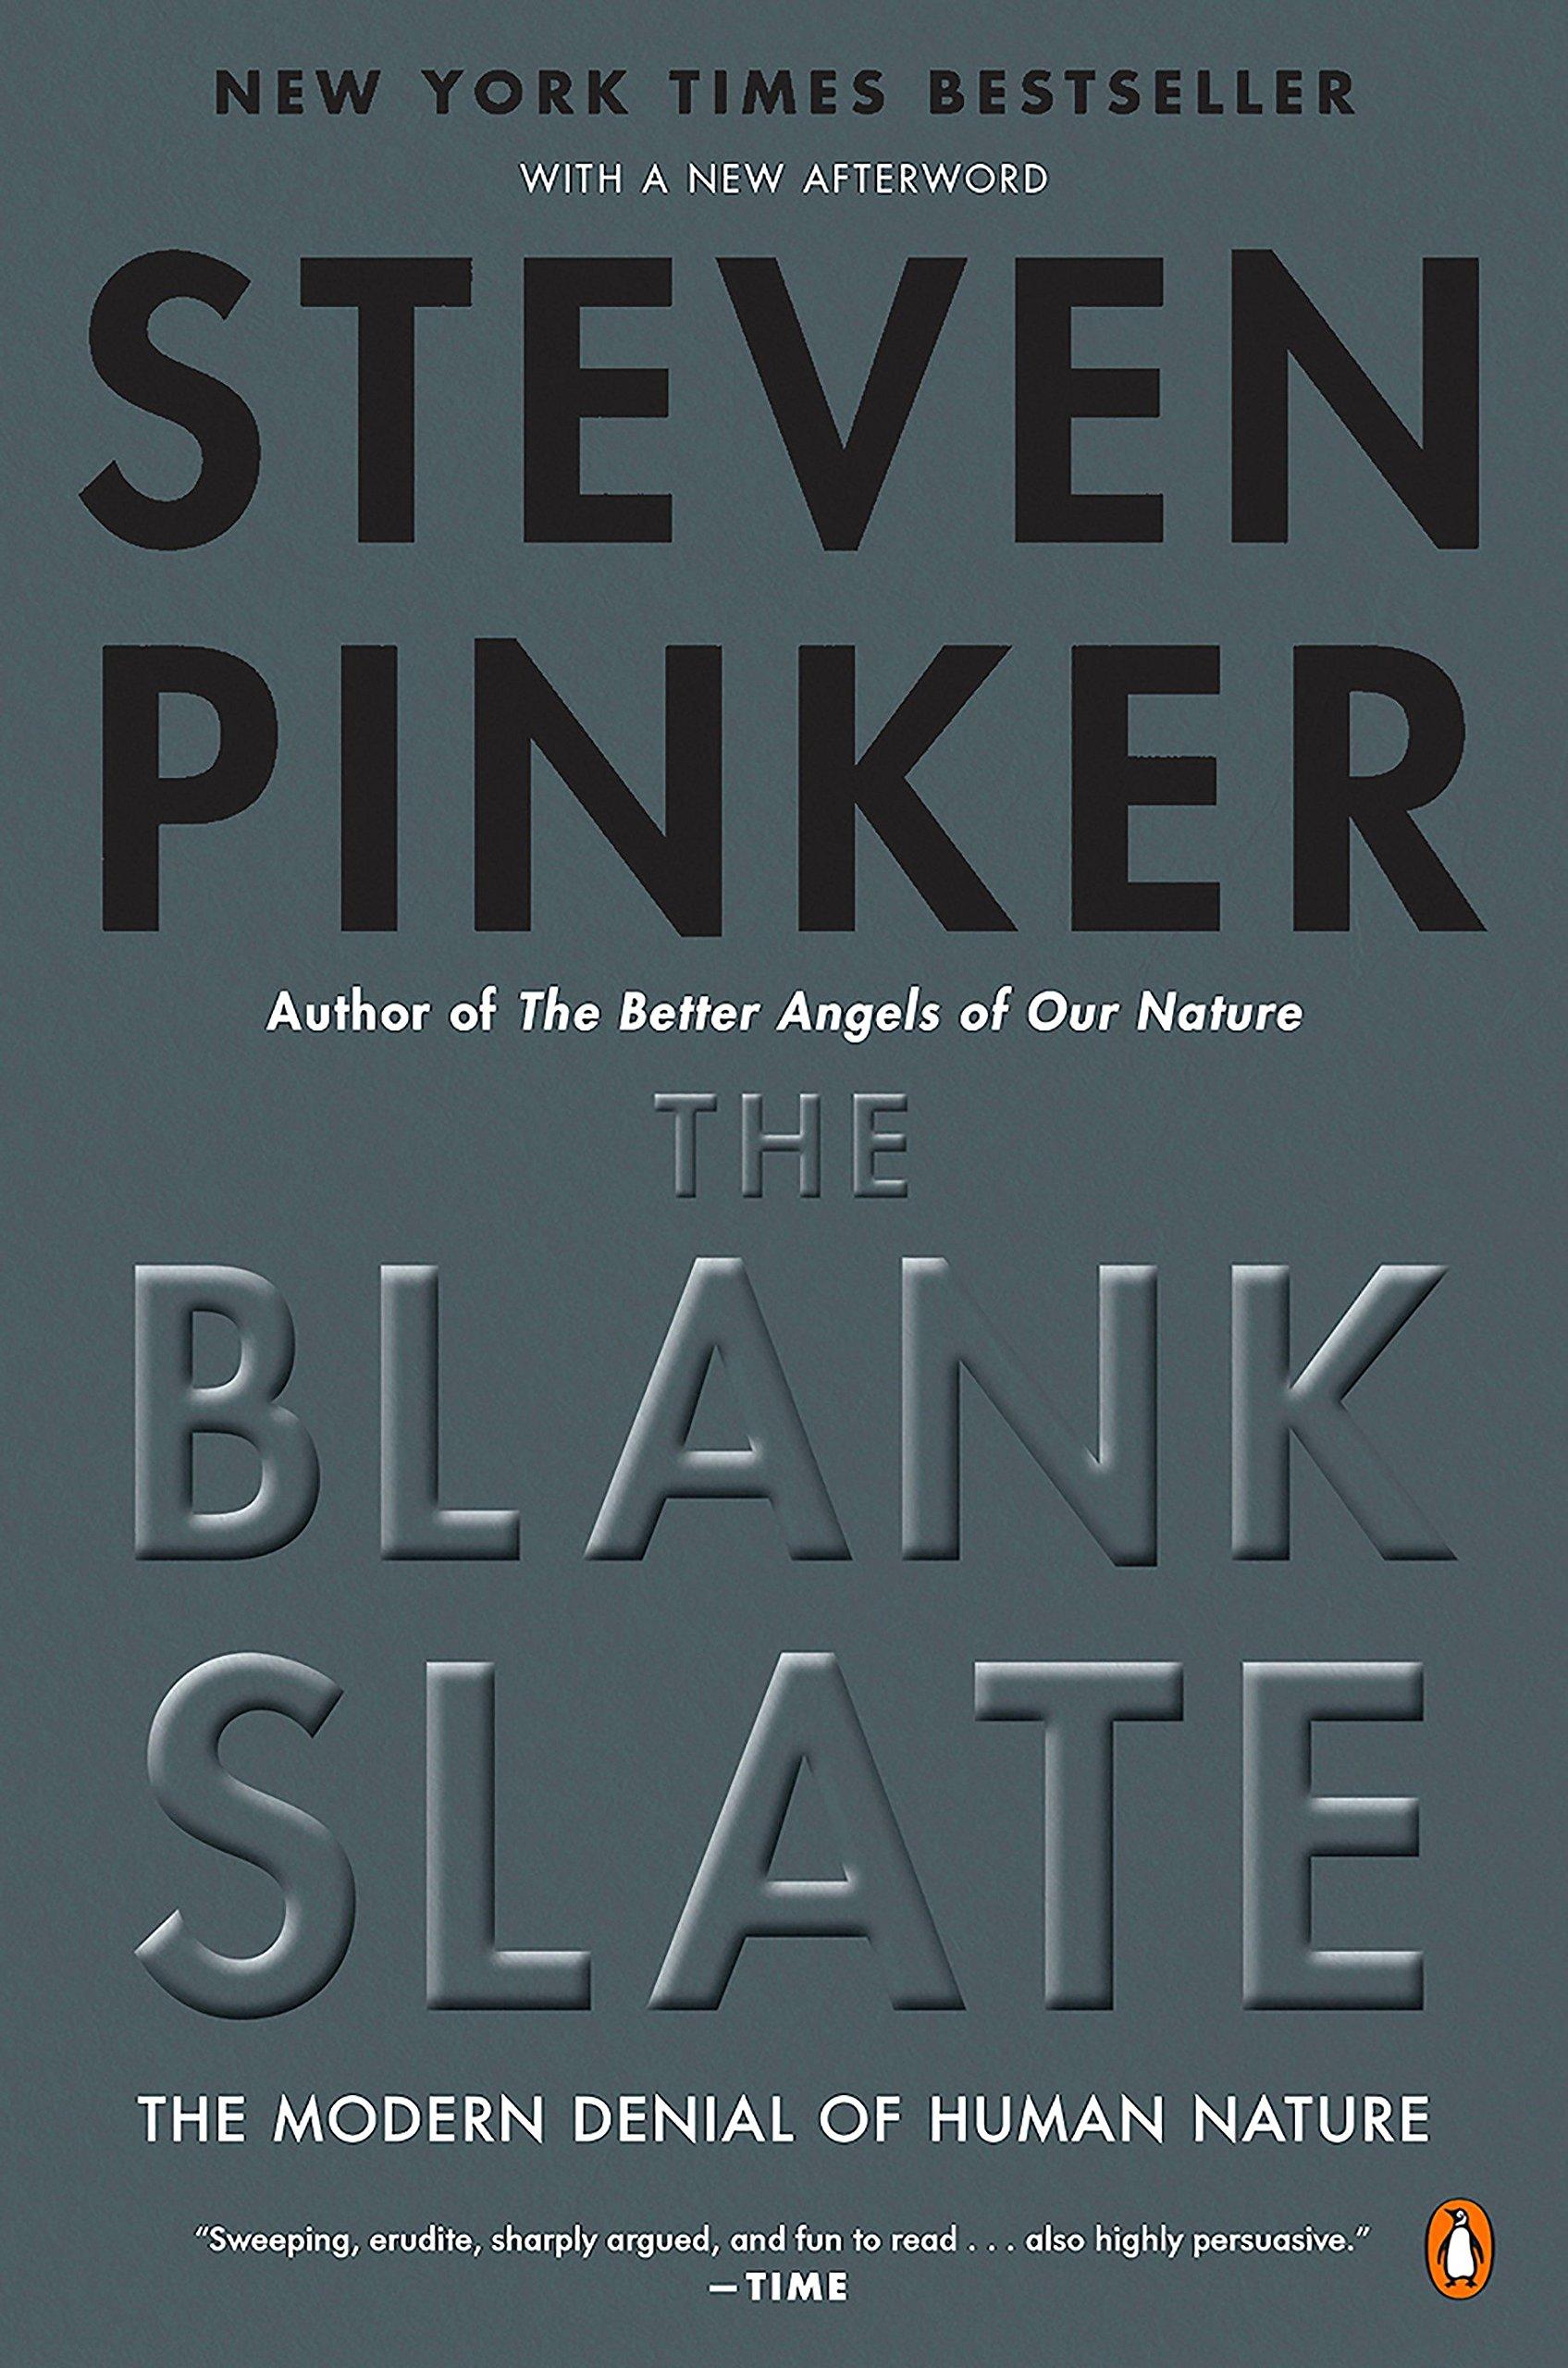 The Blank Slate (2002/2016).